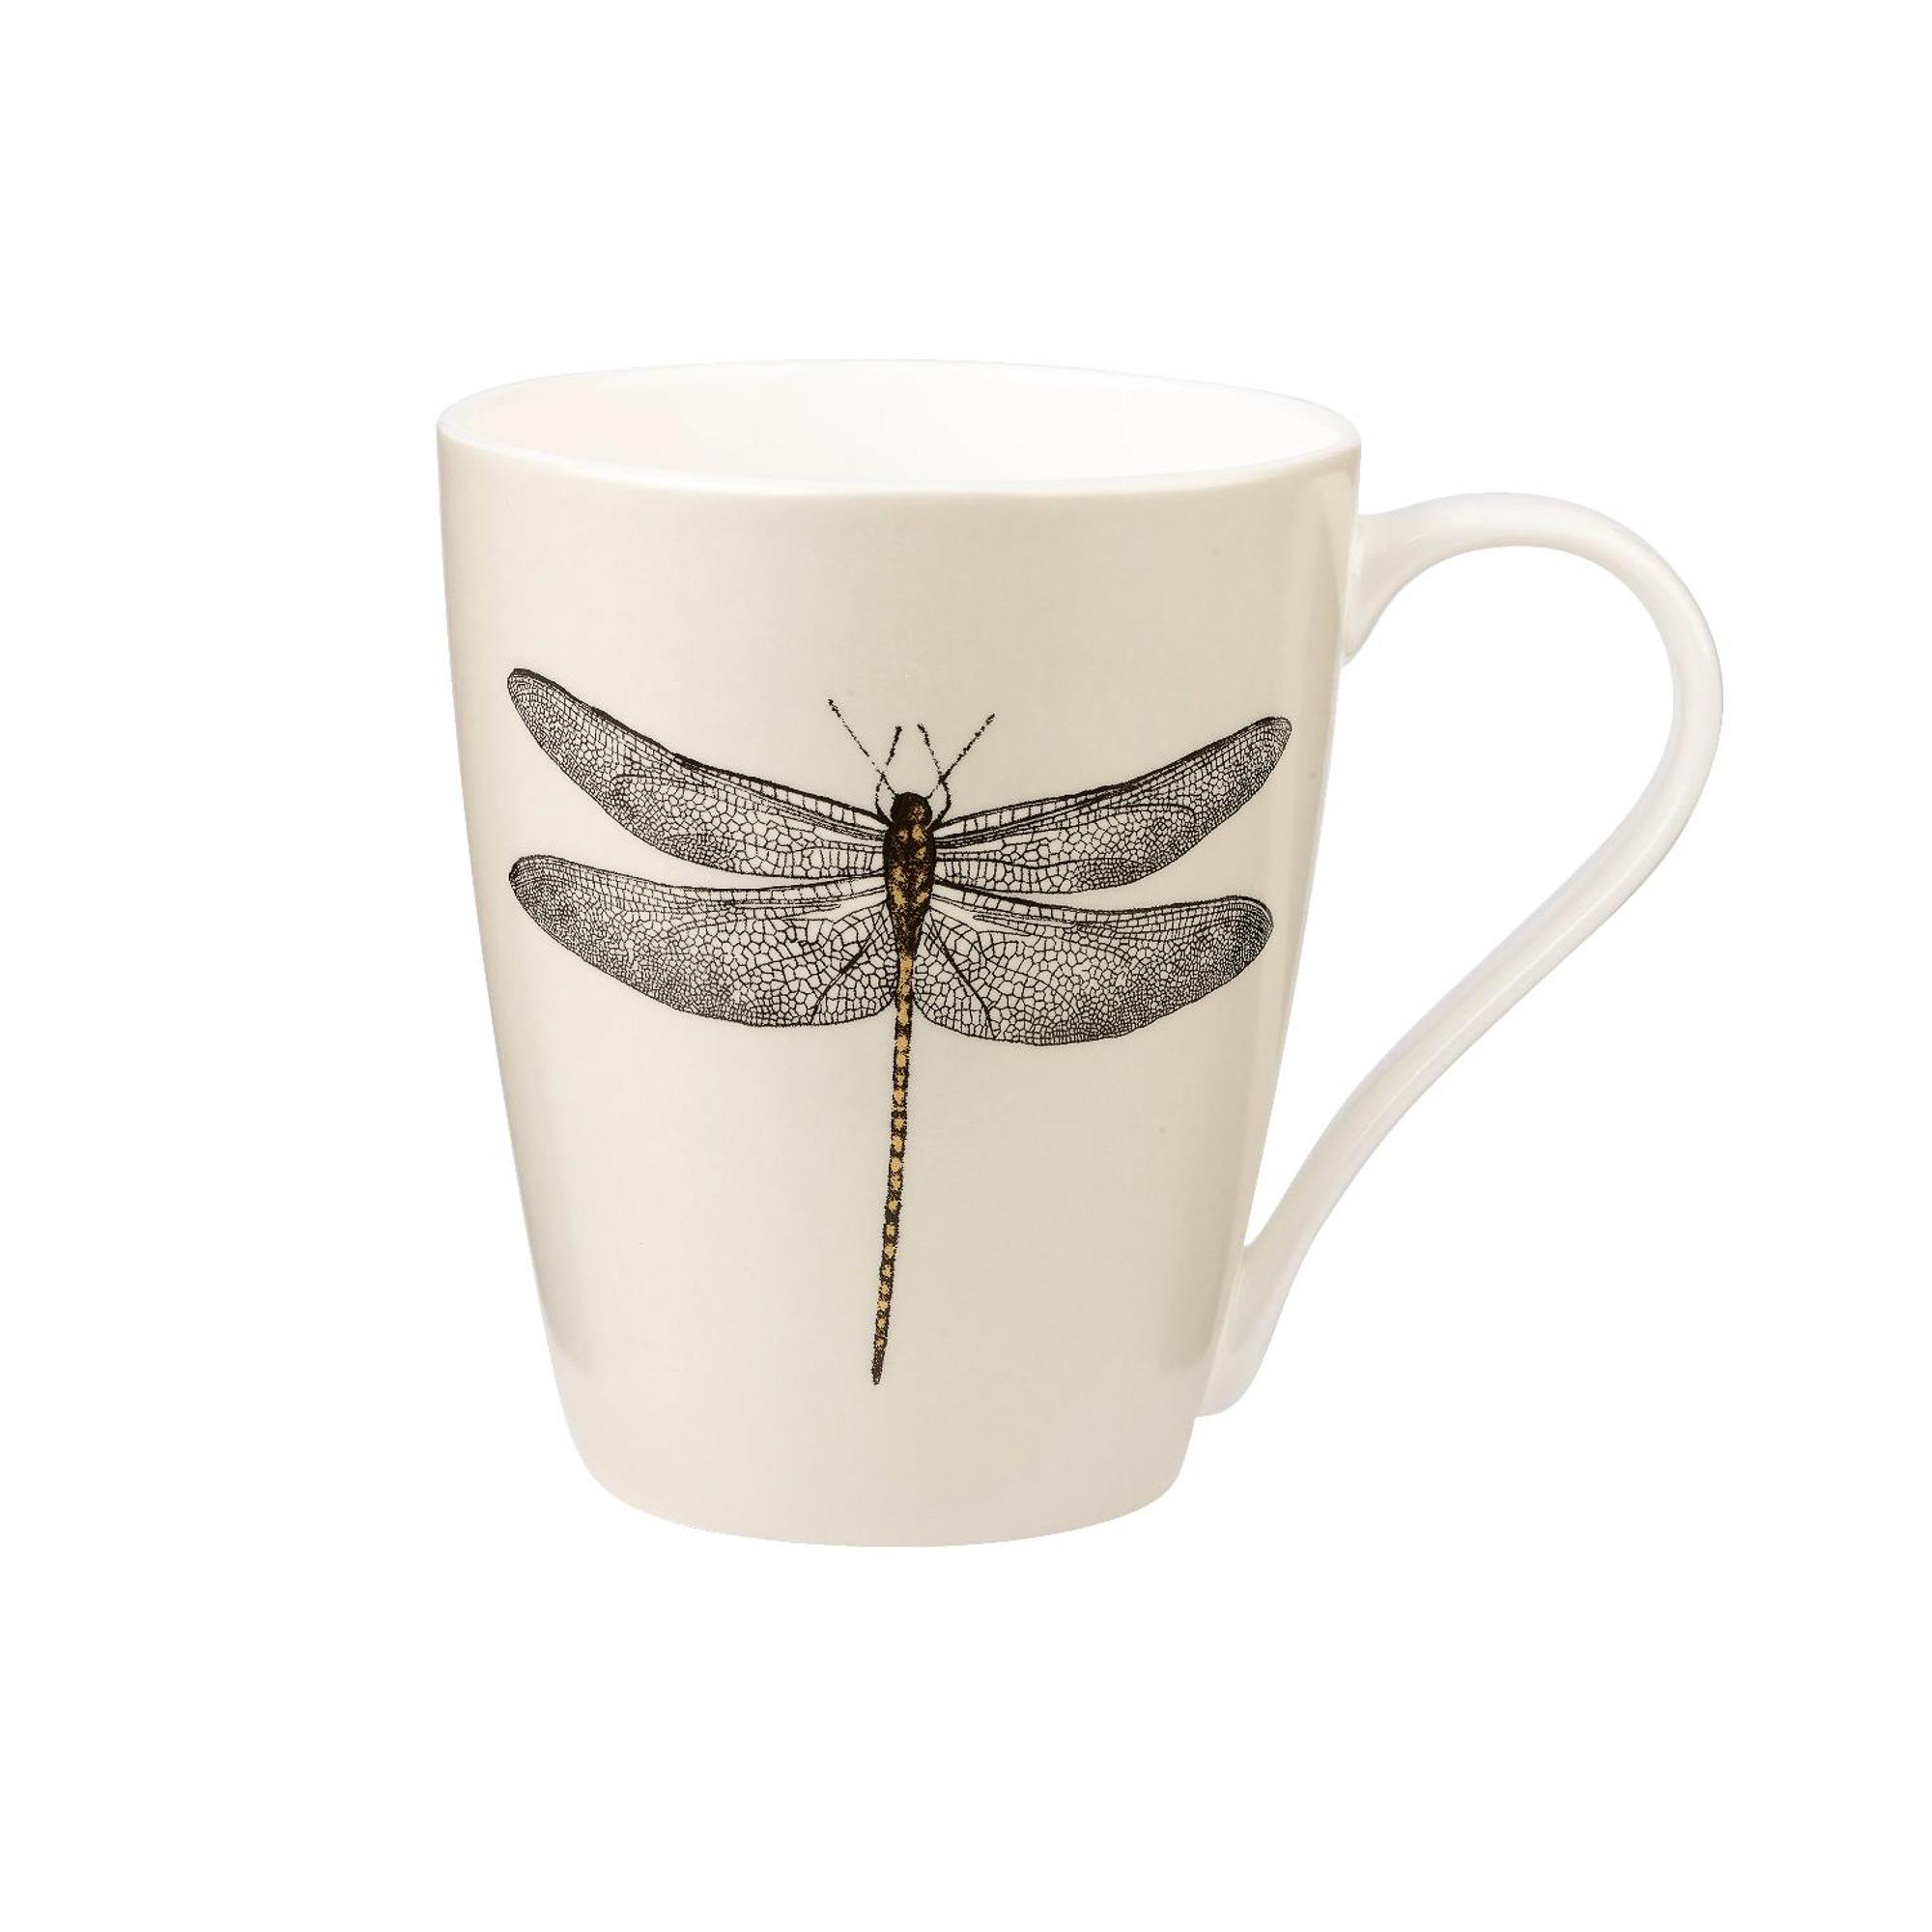 Кружка стрекоза 390 мл бежевый Churchill кружка churchill пчелы 360 мл